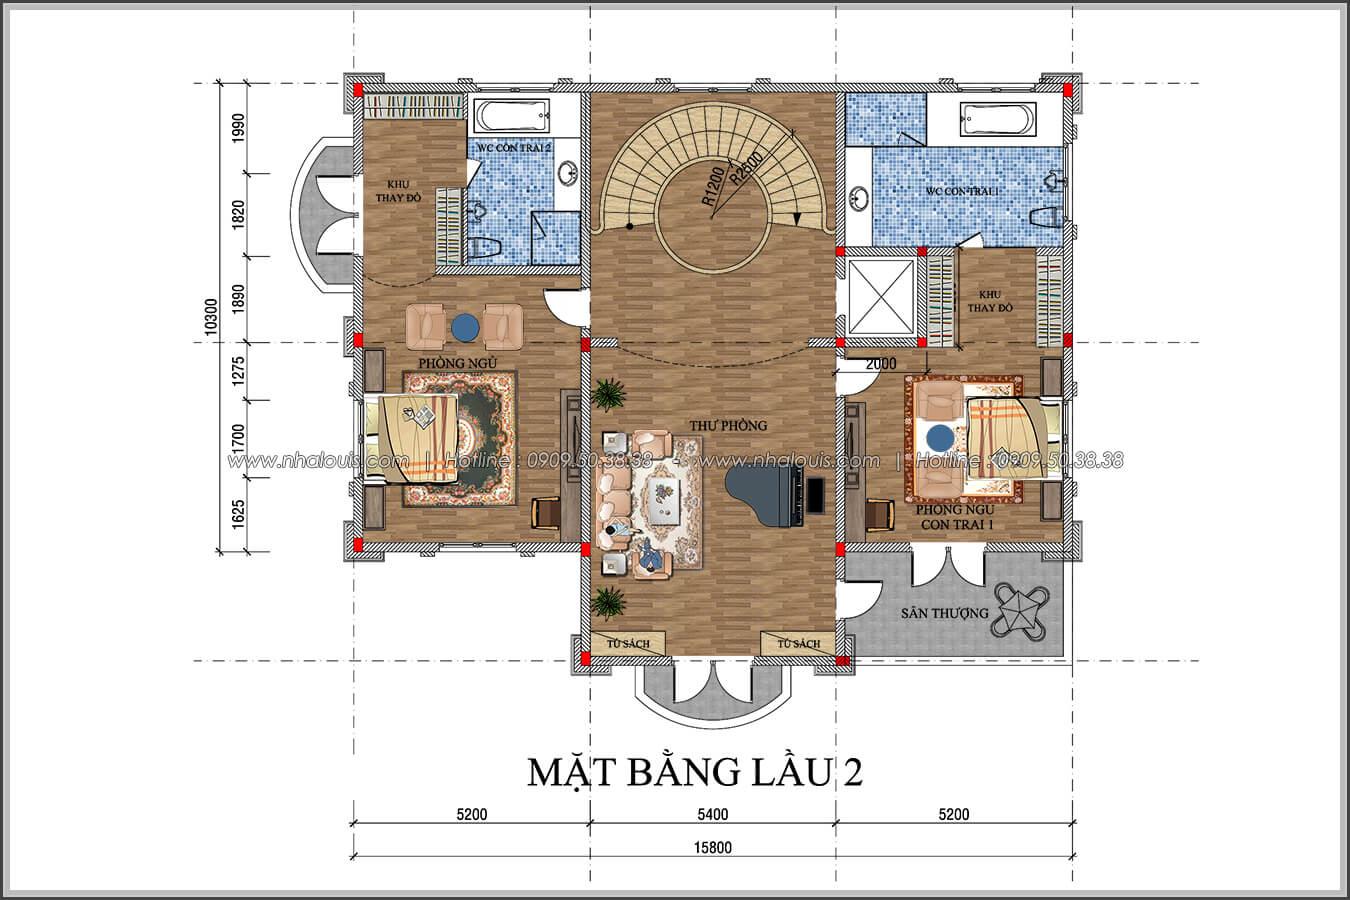 Mặt bằng lầu 2 thiết kế biệt thự có tầng hầm tại Bình Tân - 07